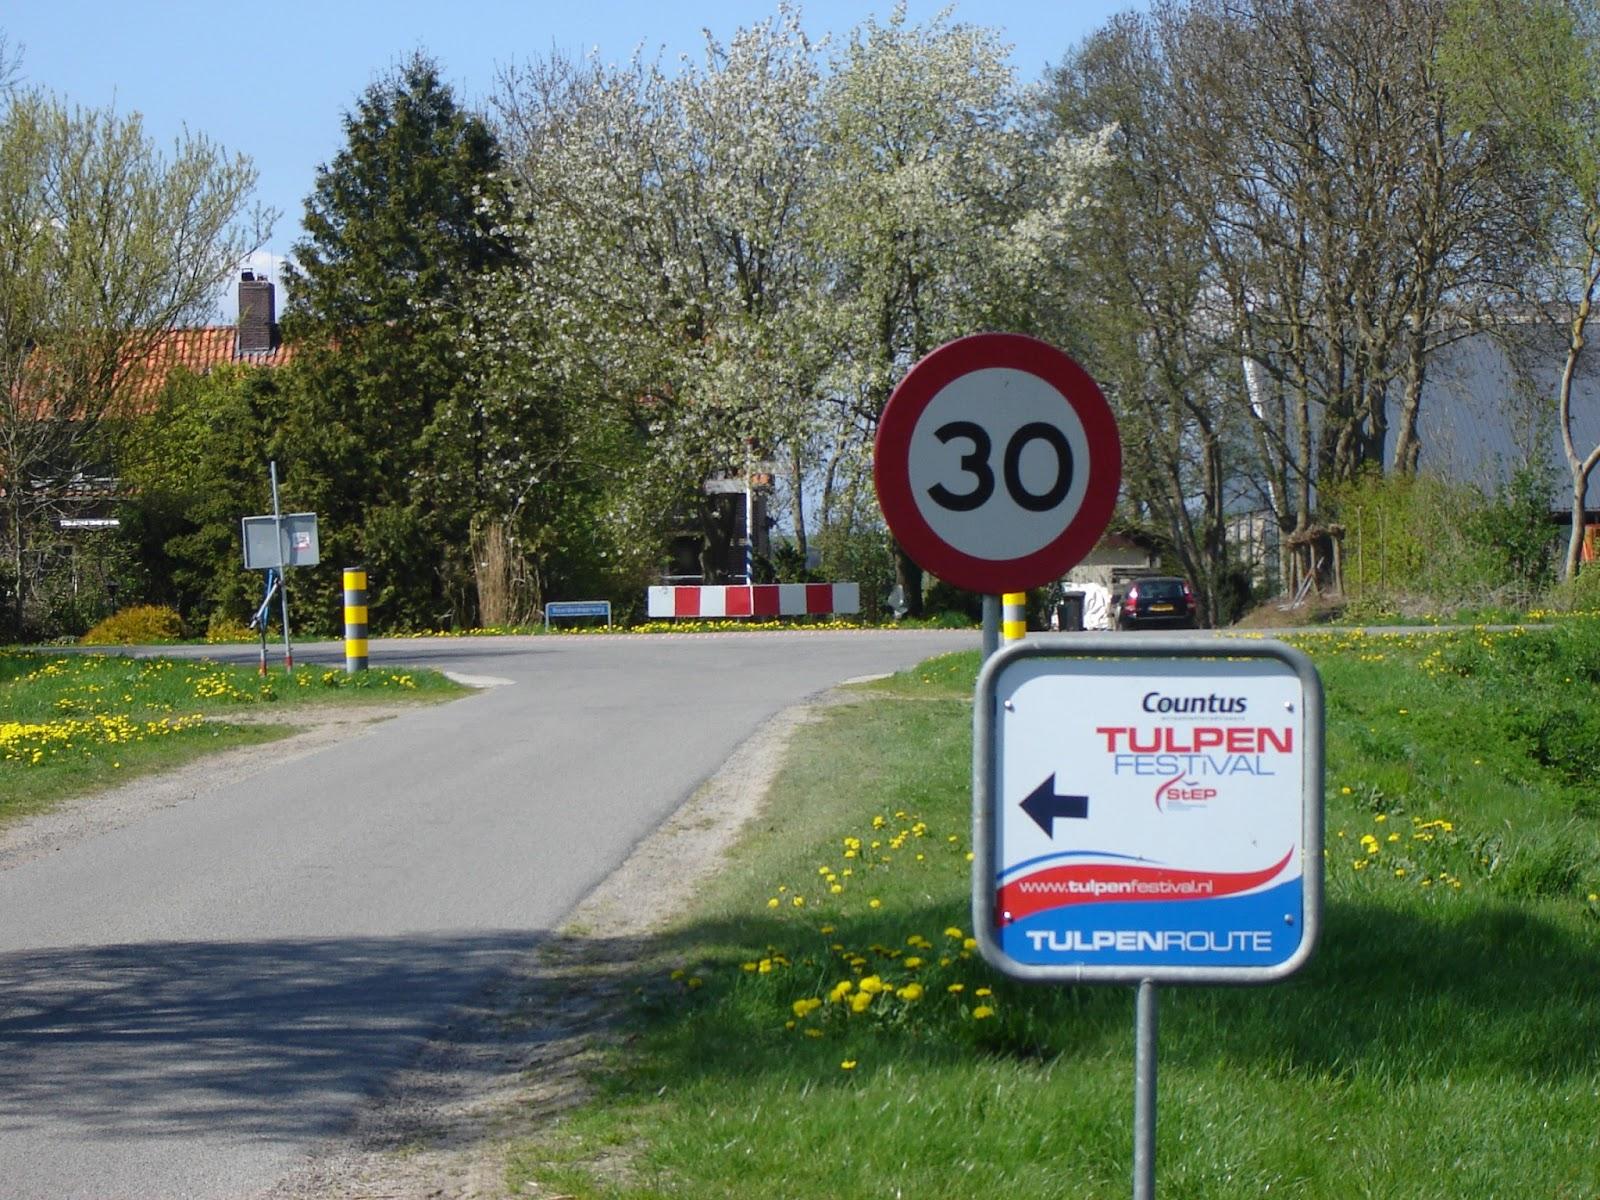 tulpenroute noordoostpolder 2017